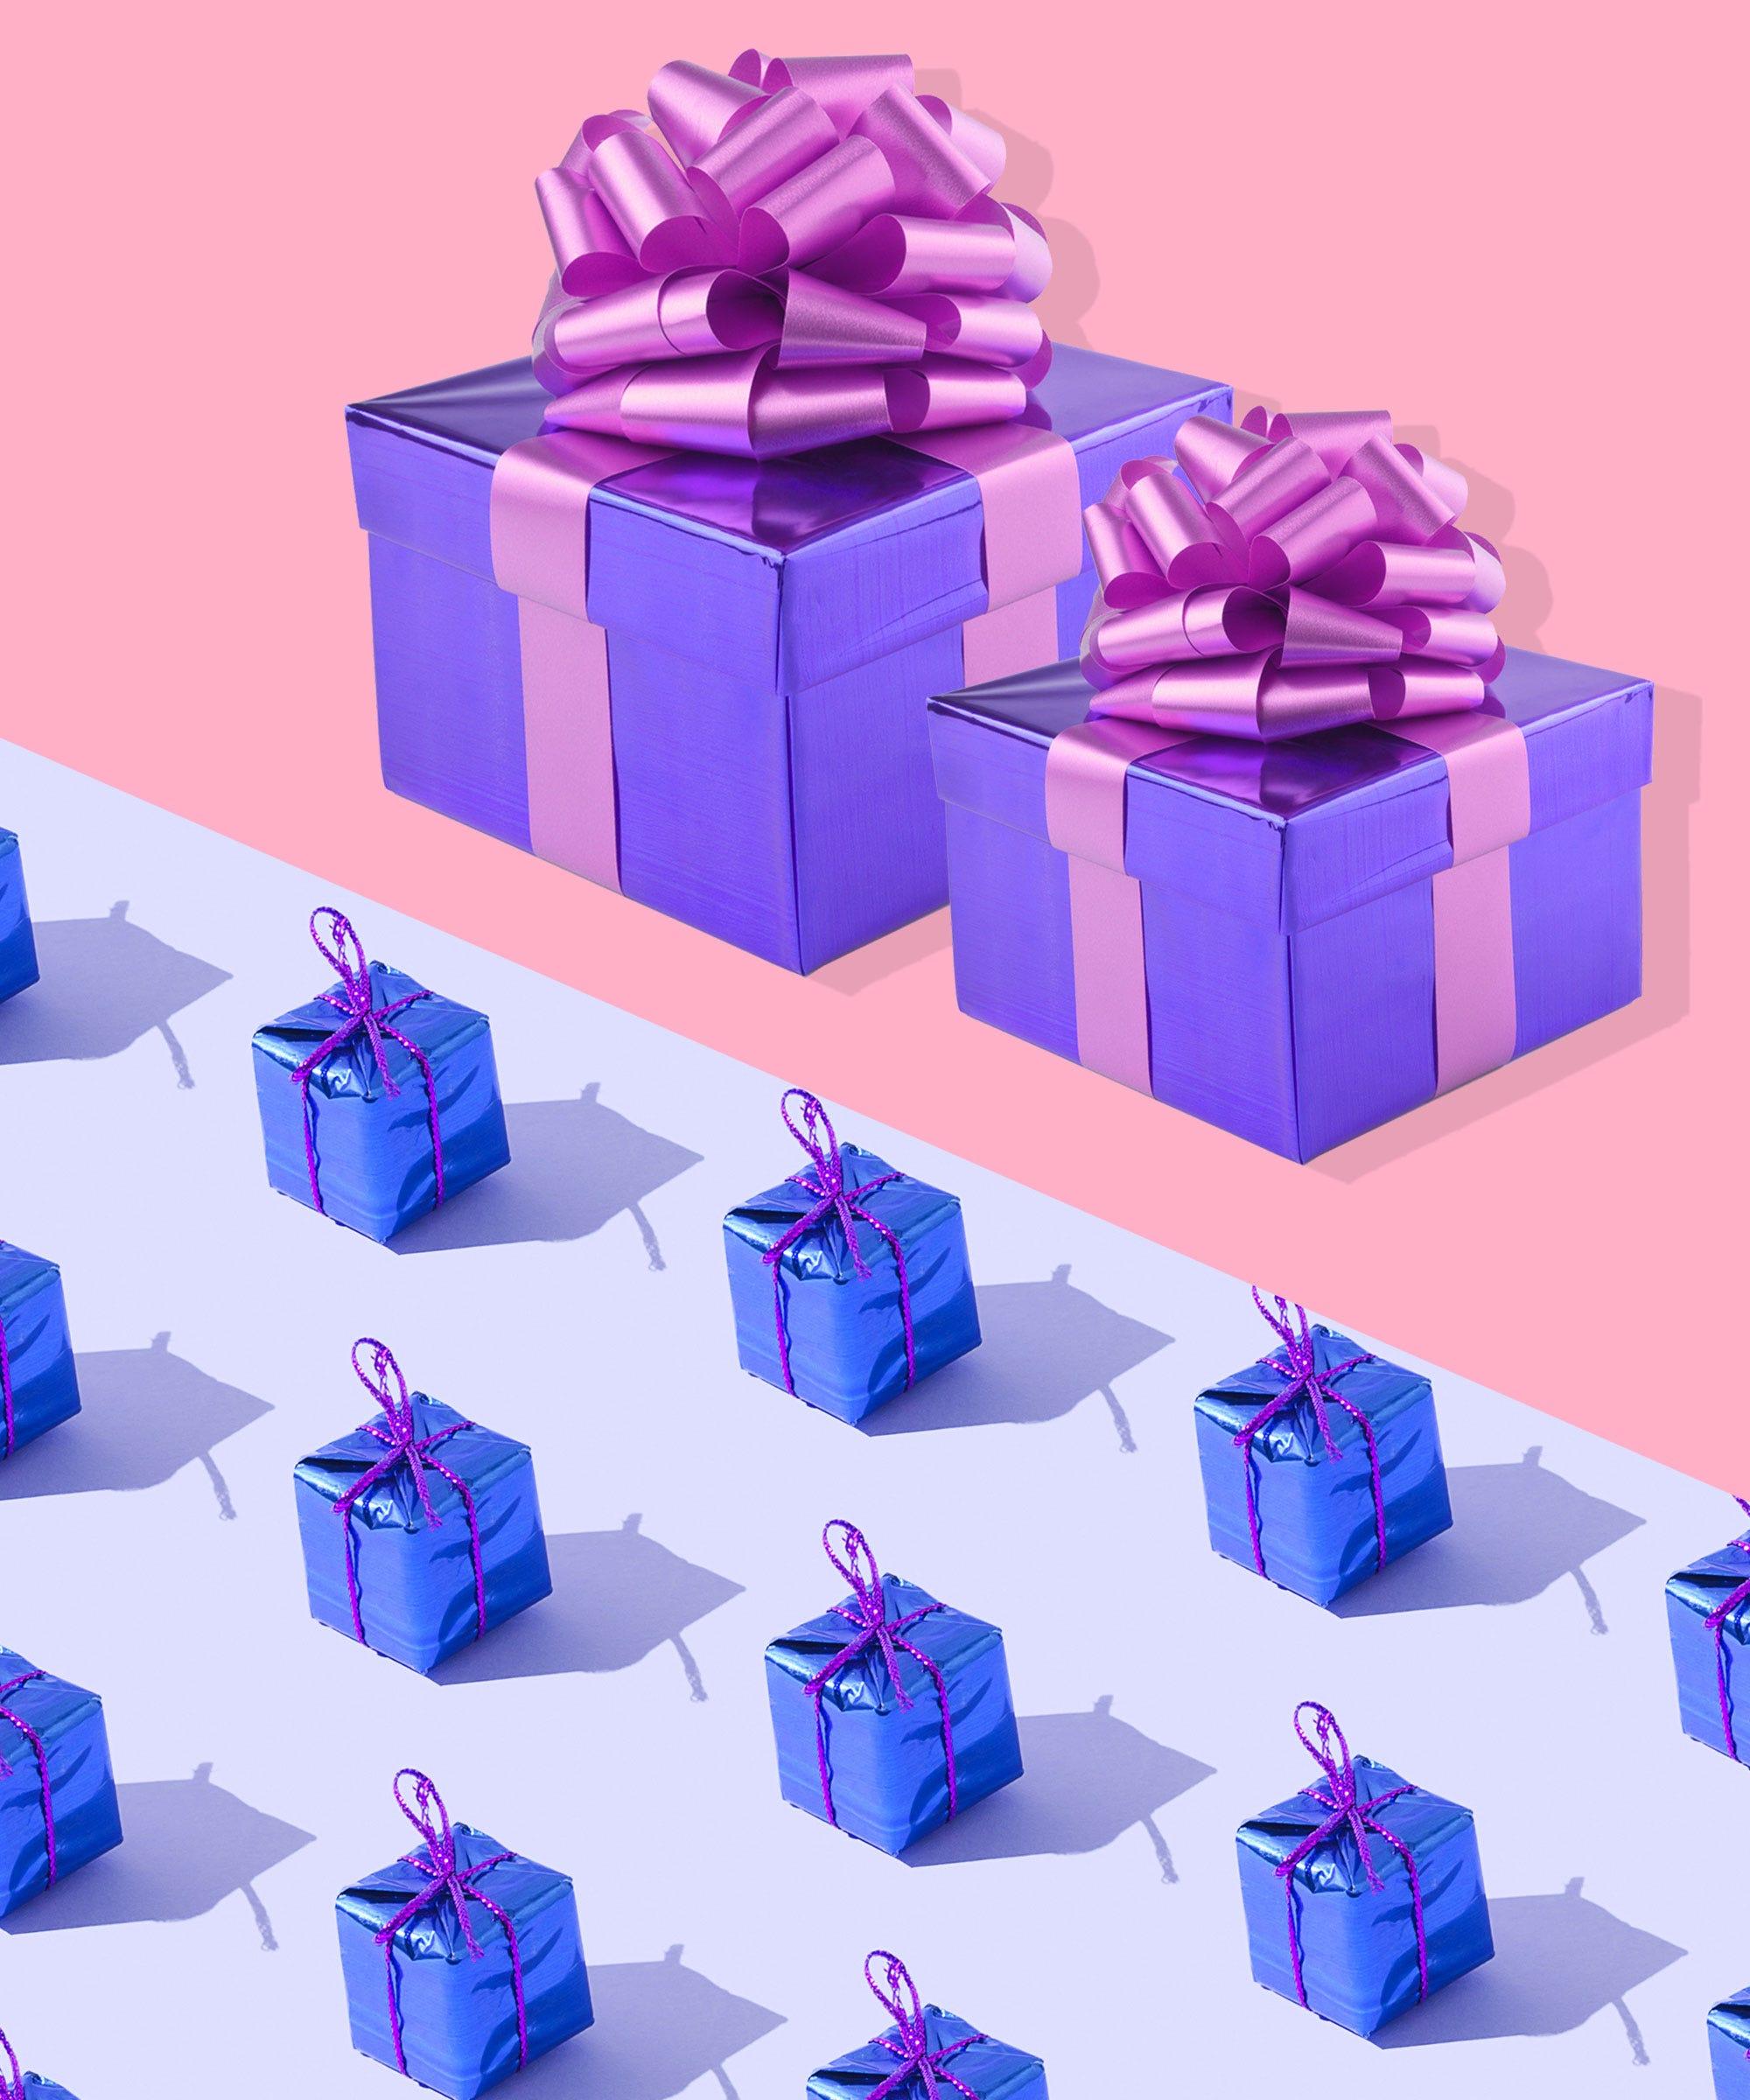 Weihnachtsgeschenke, die nicht 08/15 sind